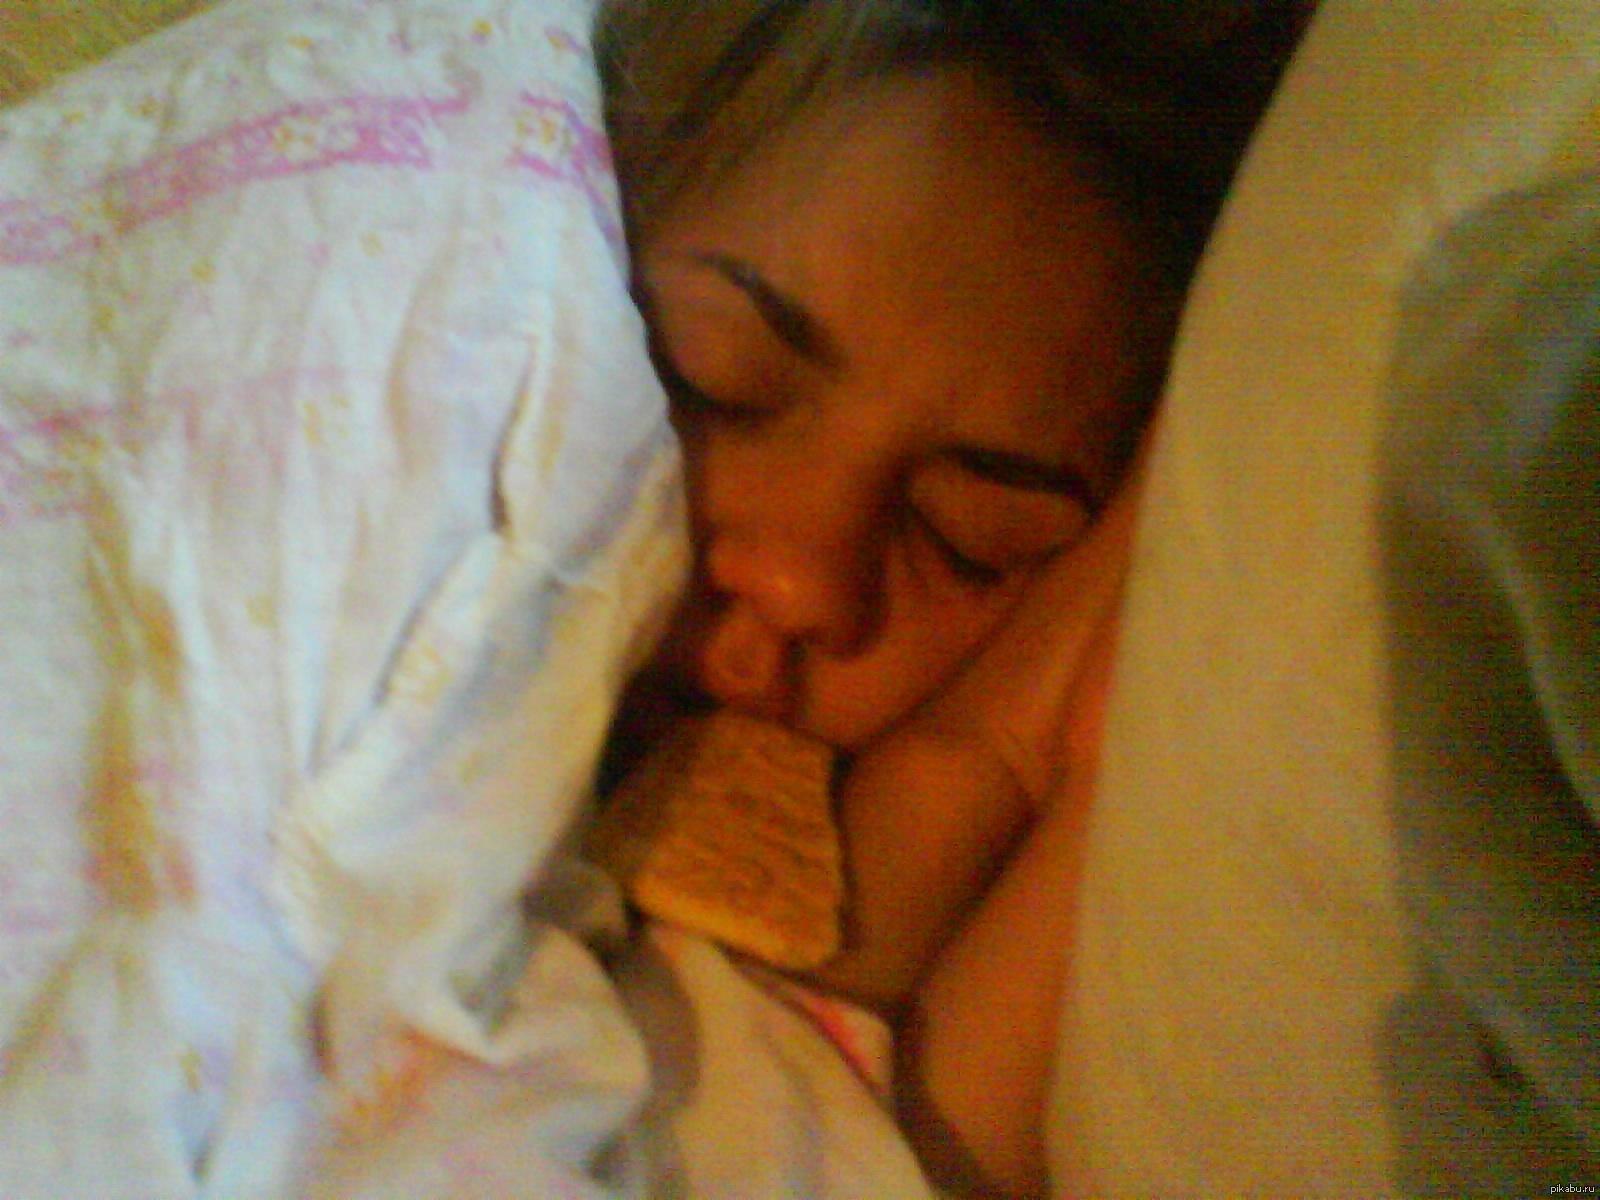 Сын ебет мать в рот пока она спит 23 фотография